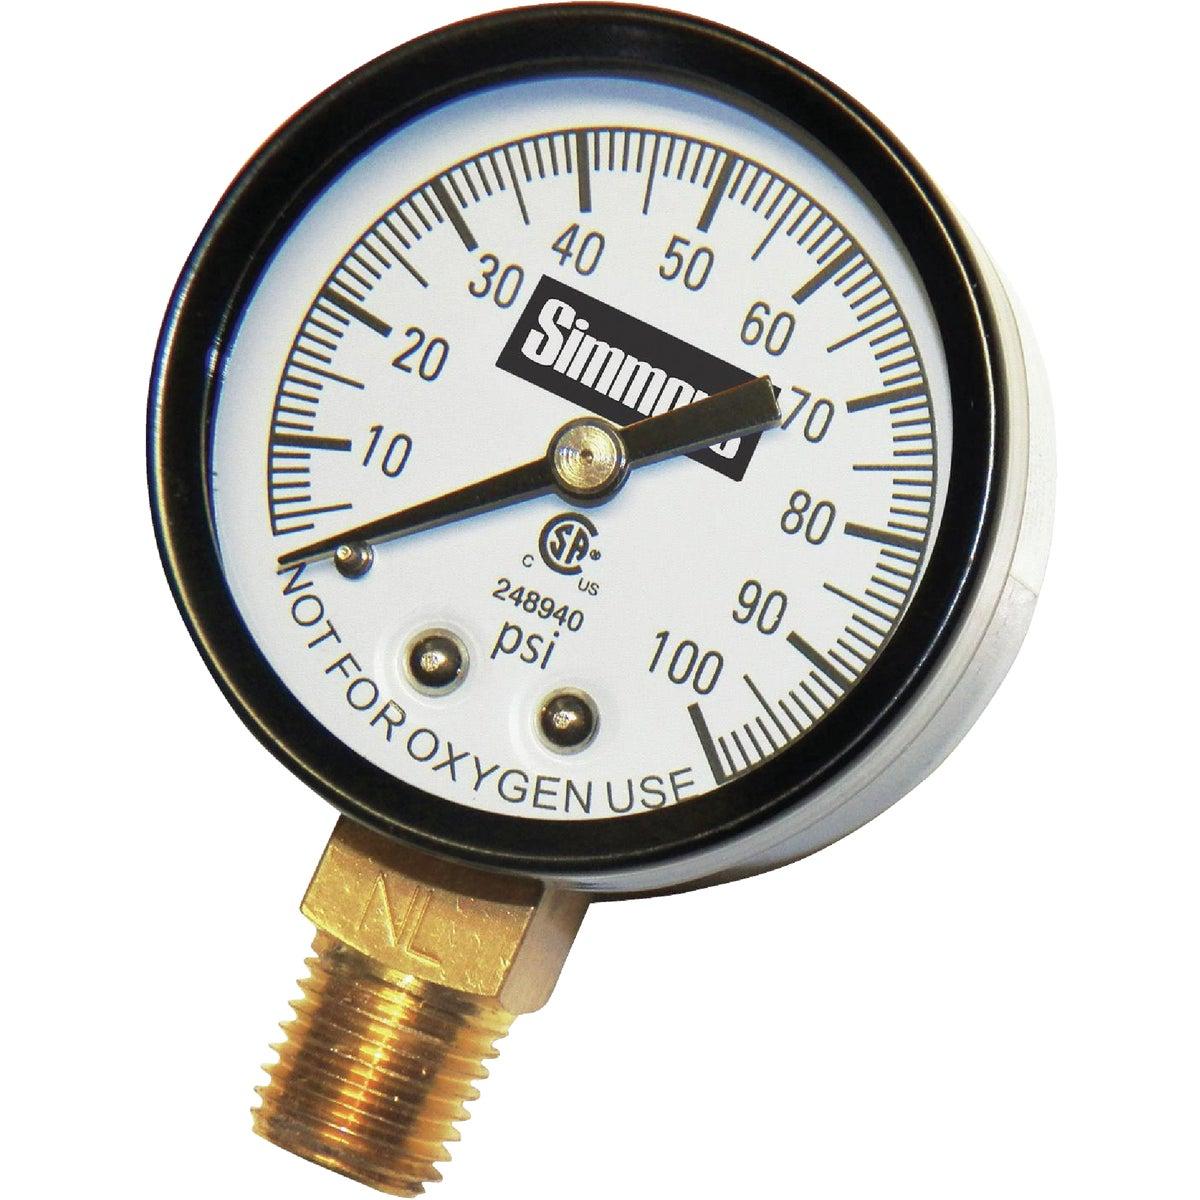 Wayne Home Equipment 0-100 PRESSURE GAUGE 66015-WYN